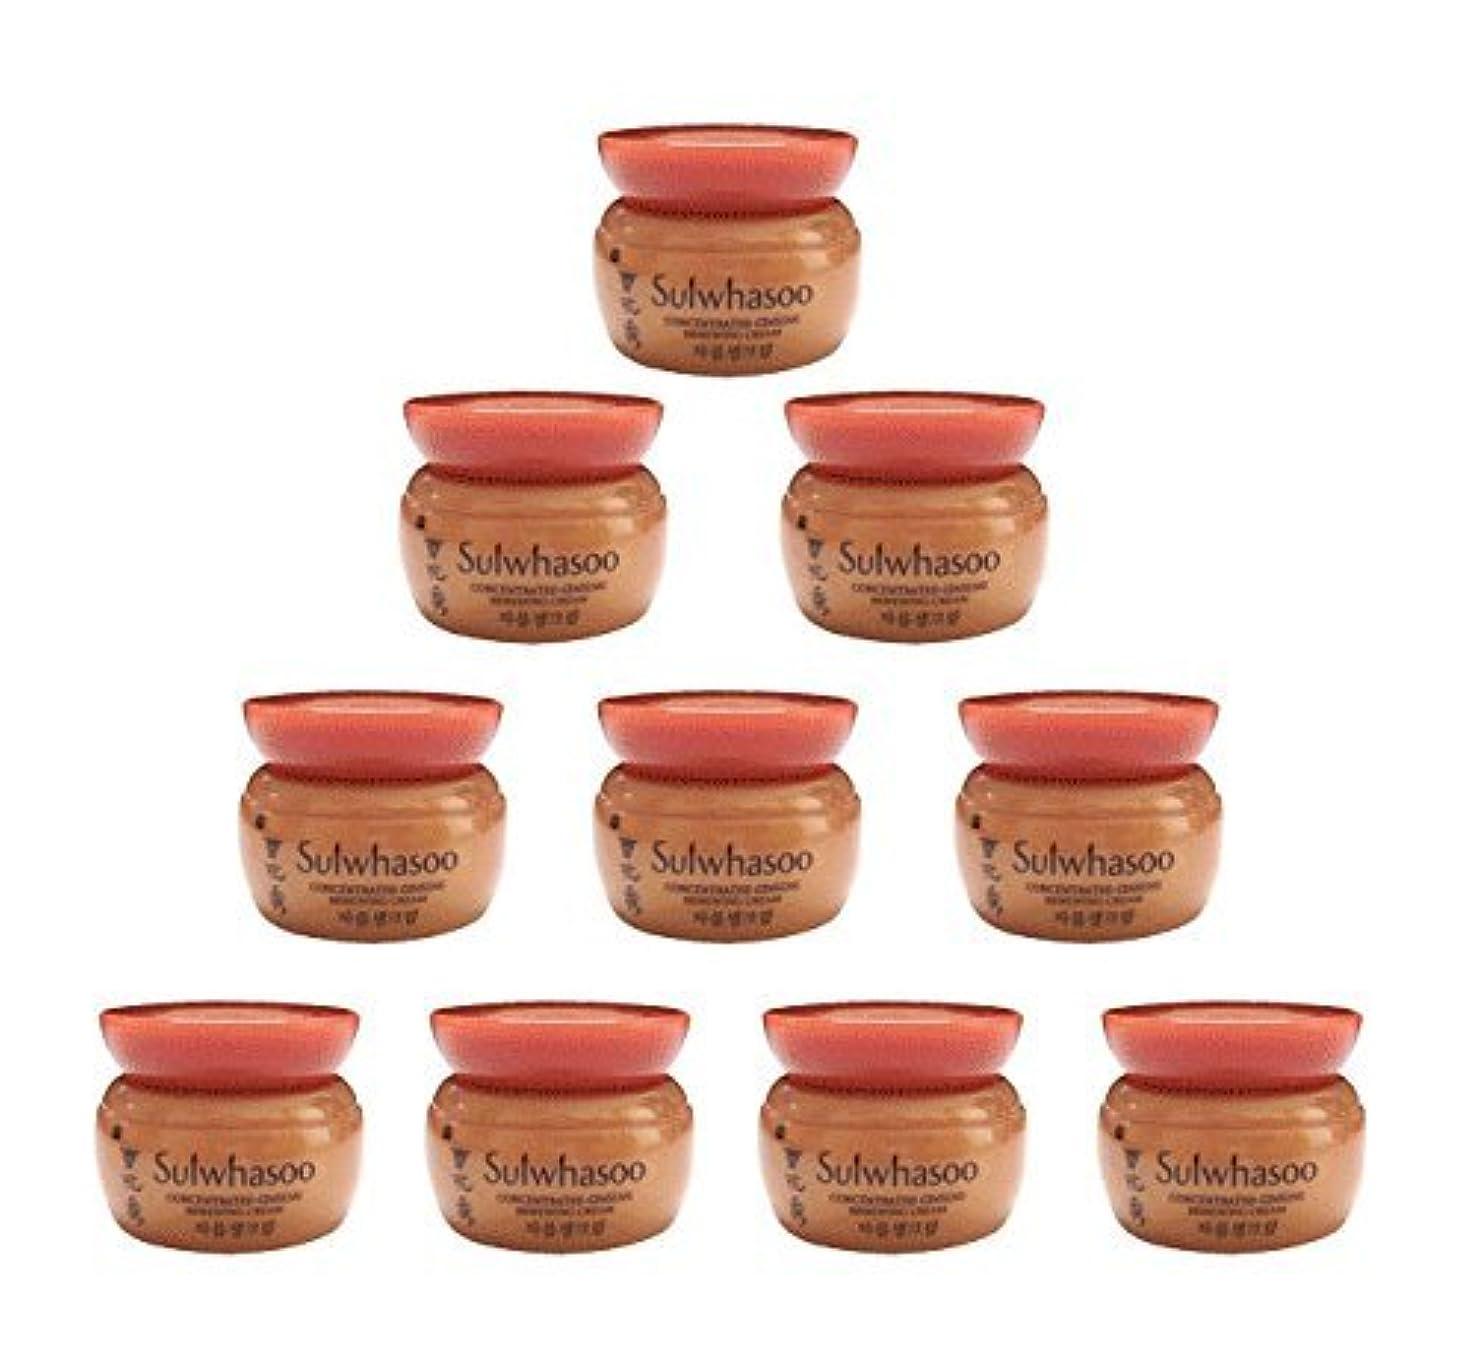 浜辺前応用【ソルファス 雪花秀 Sulwhasoo】 Concentrated Ginseng Renewing Cream(50ml) 5ml x 10個 韓国化粧品 ブランドのサンプル [並行輸入品]